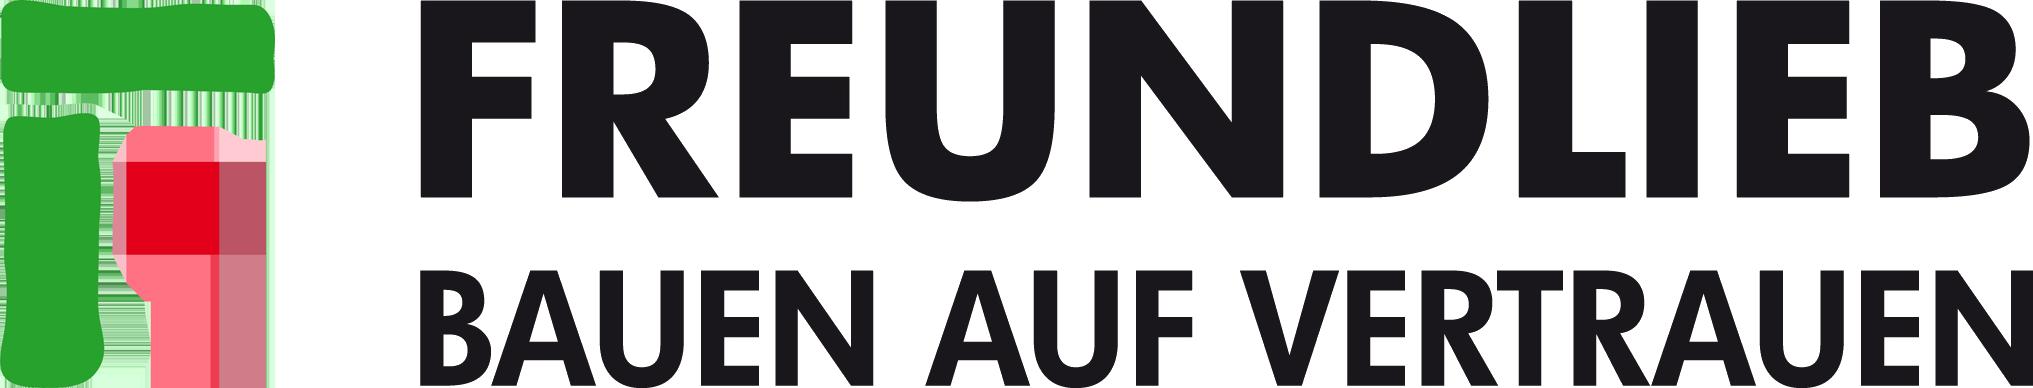 Freundlieb_logo